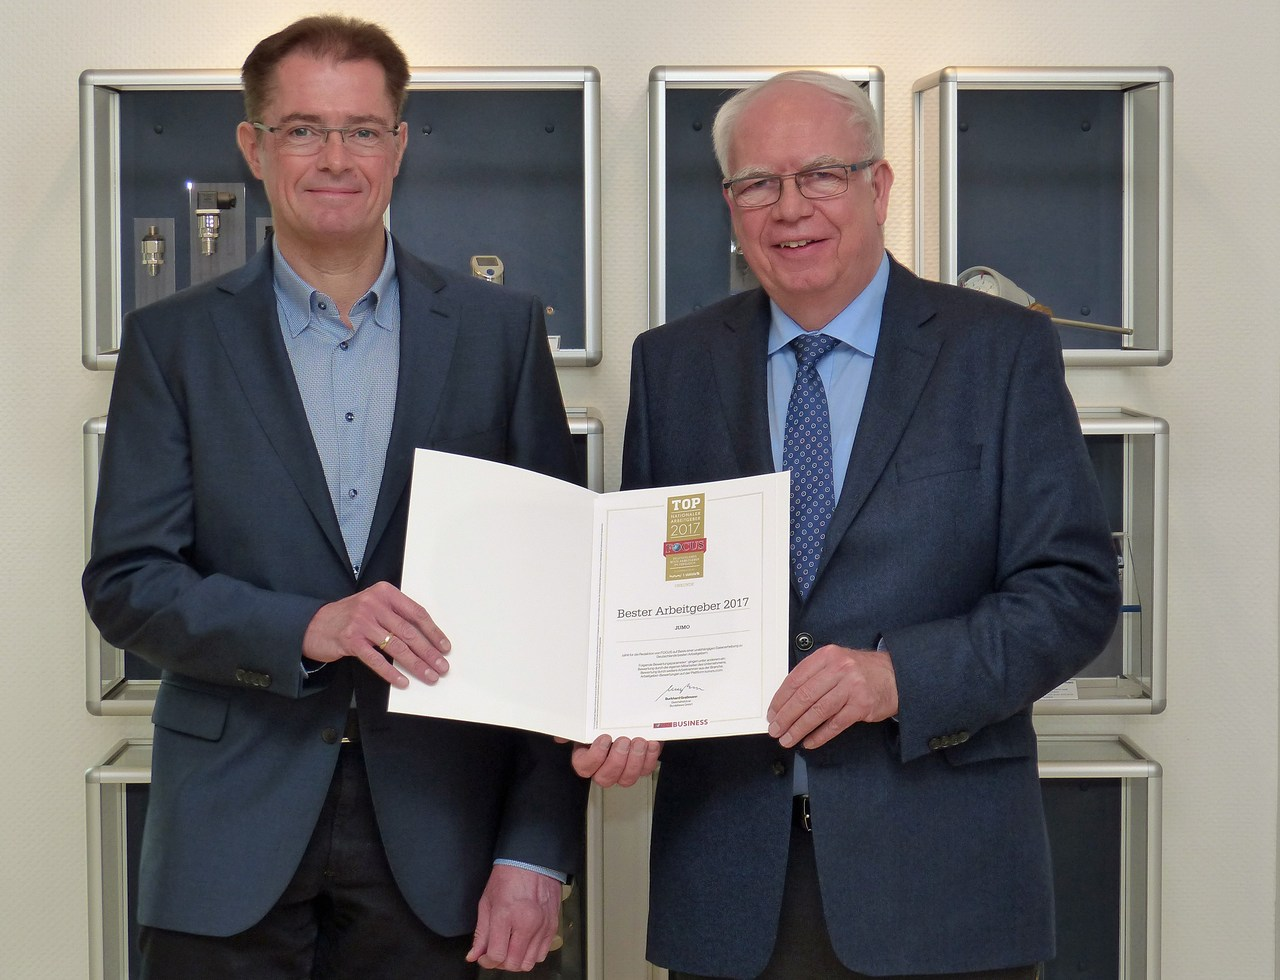 """Michael (links) und Bernhard (rechts) Juchheim mit der FOCUS-Urkunde """"Bester Arbeitgeber 2017""""."""